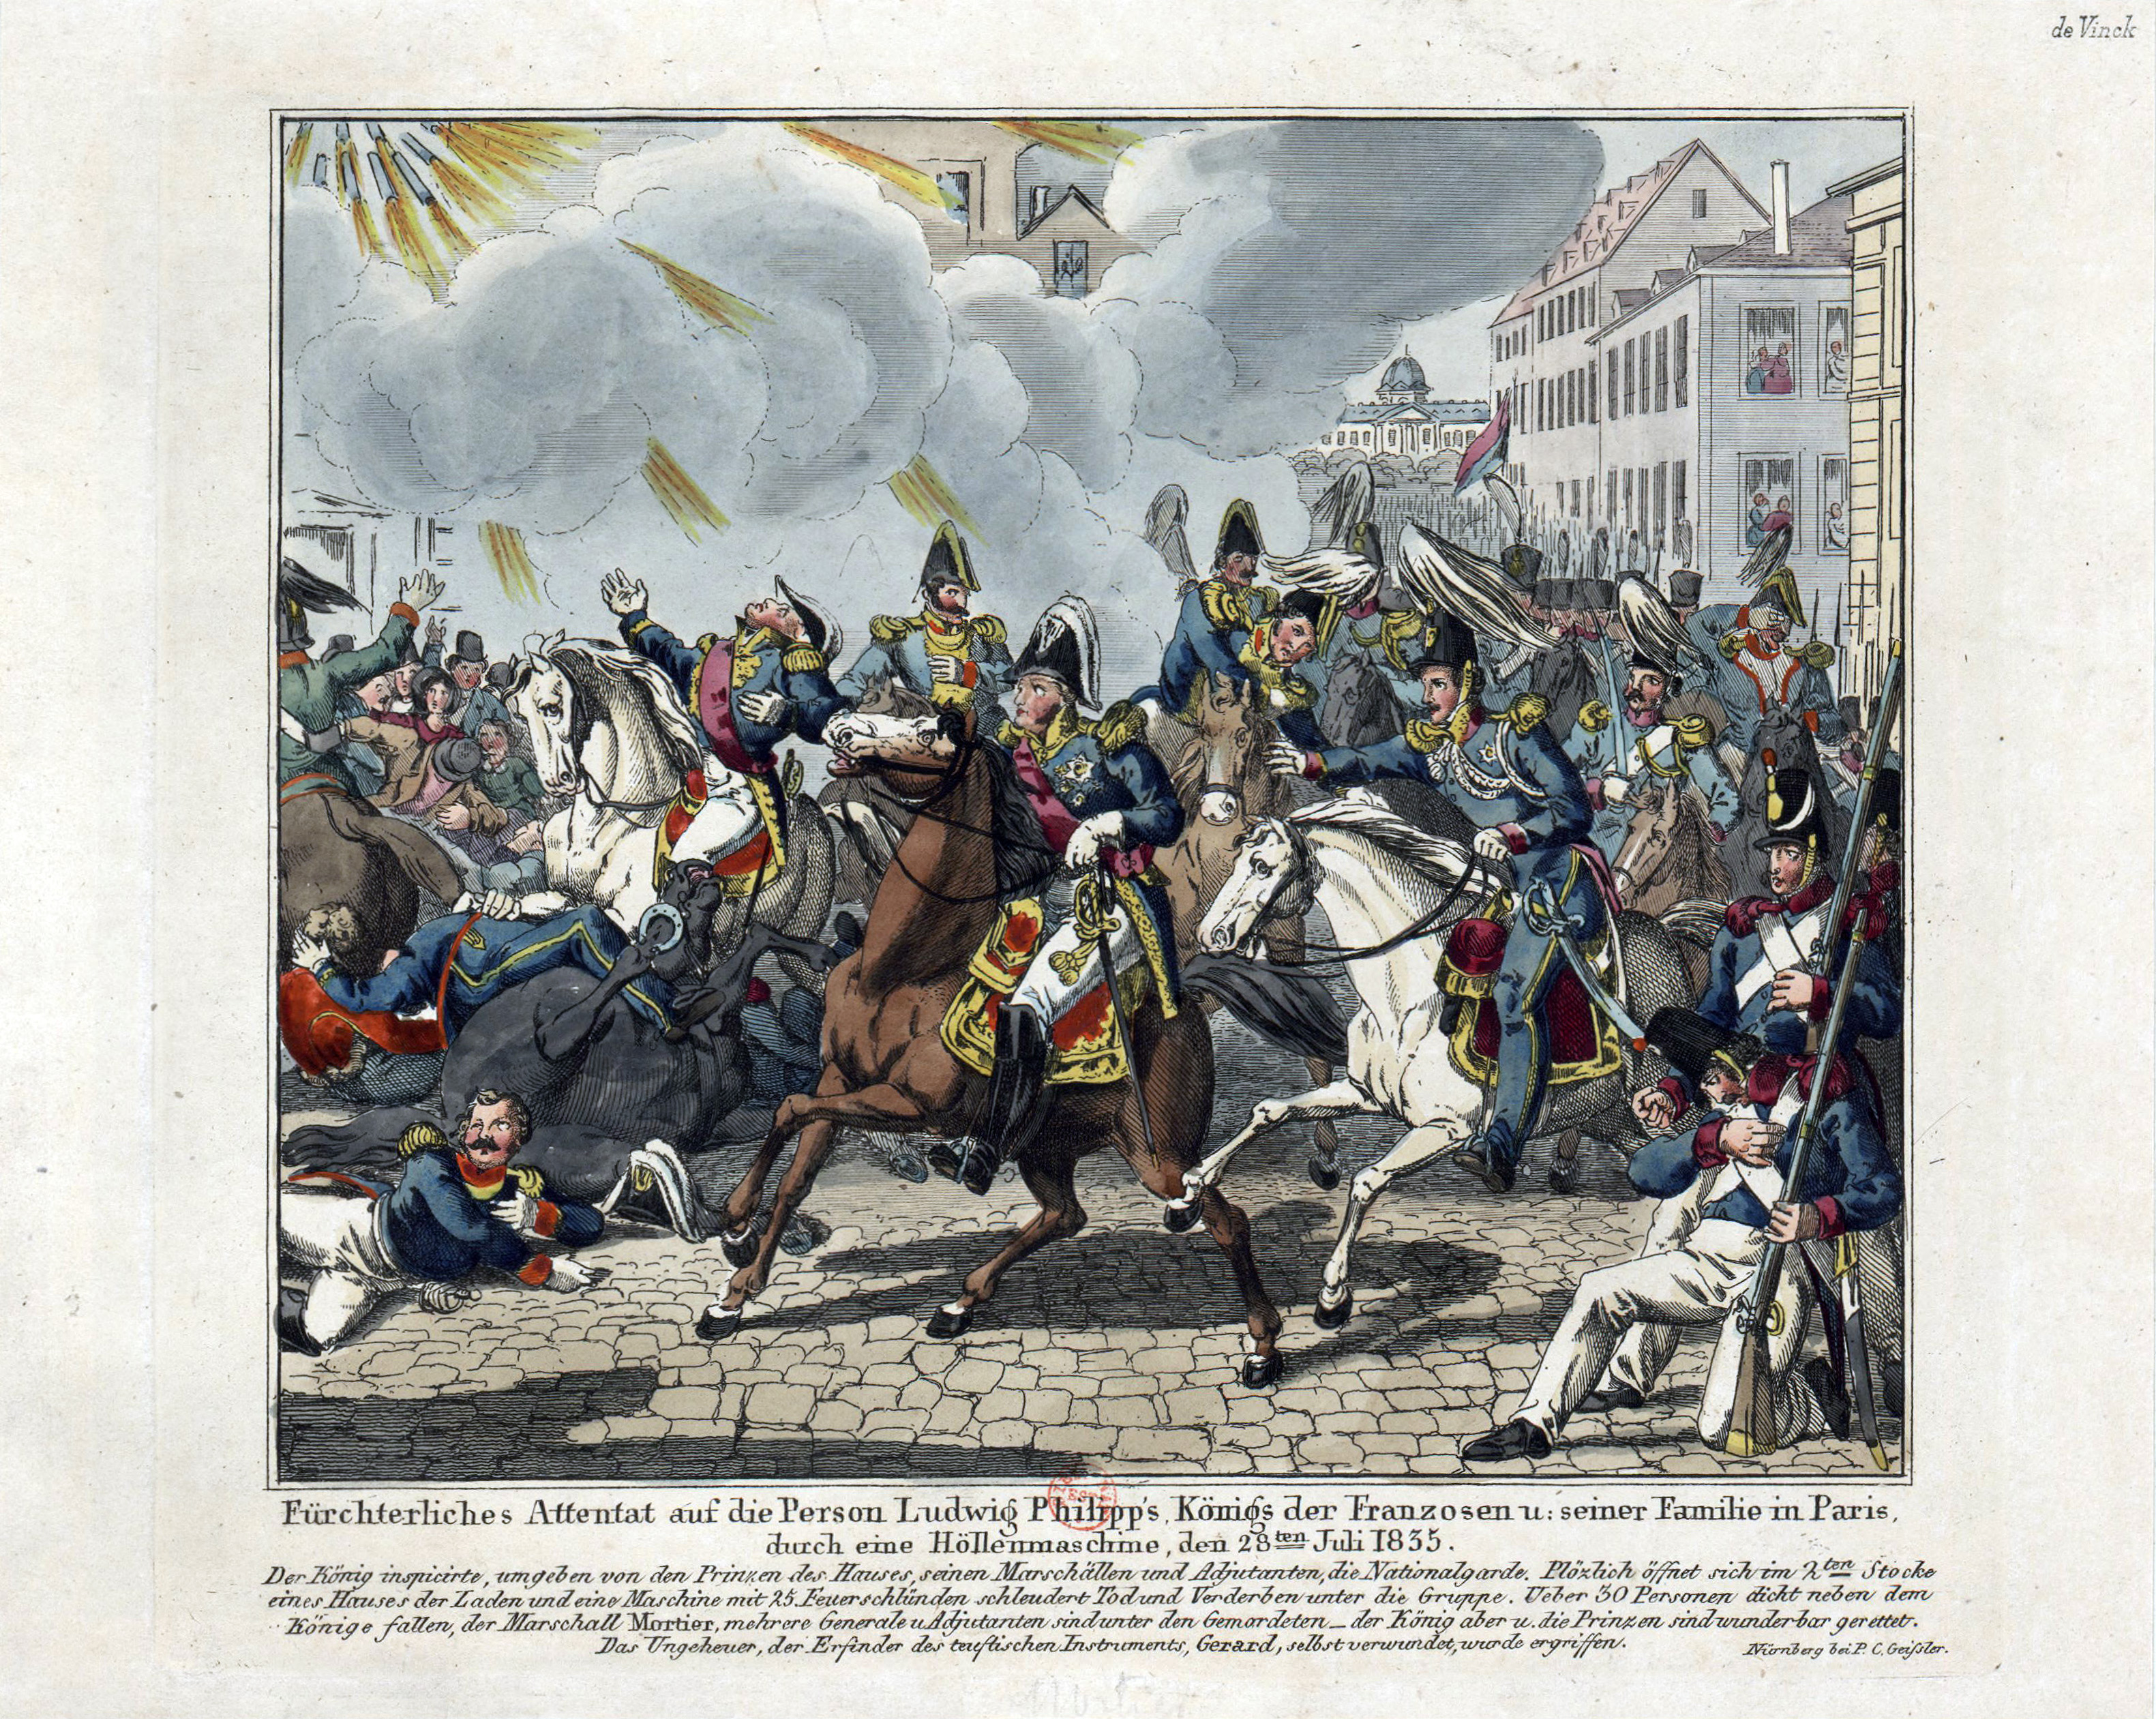 Die Explosion der Höllenmaschine, die Louis-Philippe I. im Jahr 1835 verfehlte.